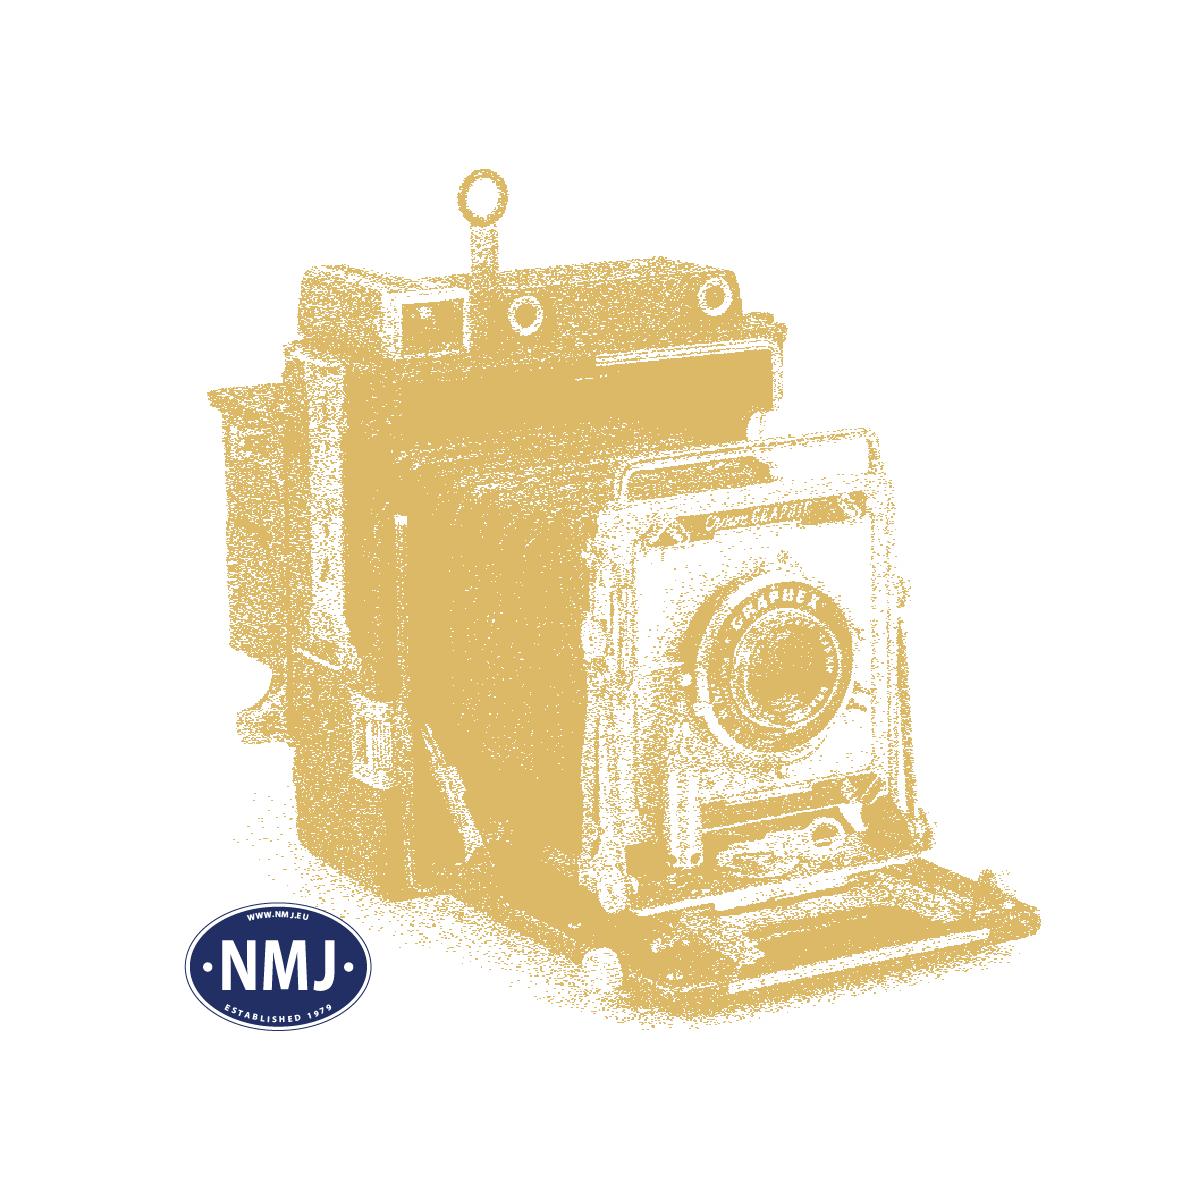 NMJB1111 - Norwegische Werbeplakate, Teil 2